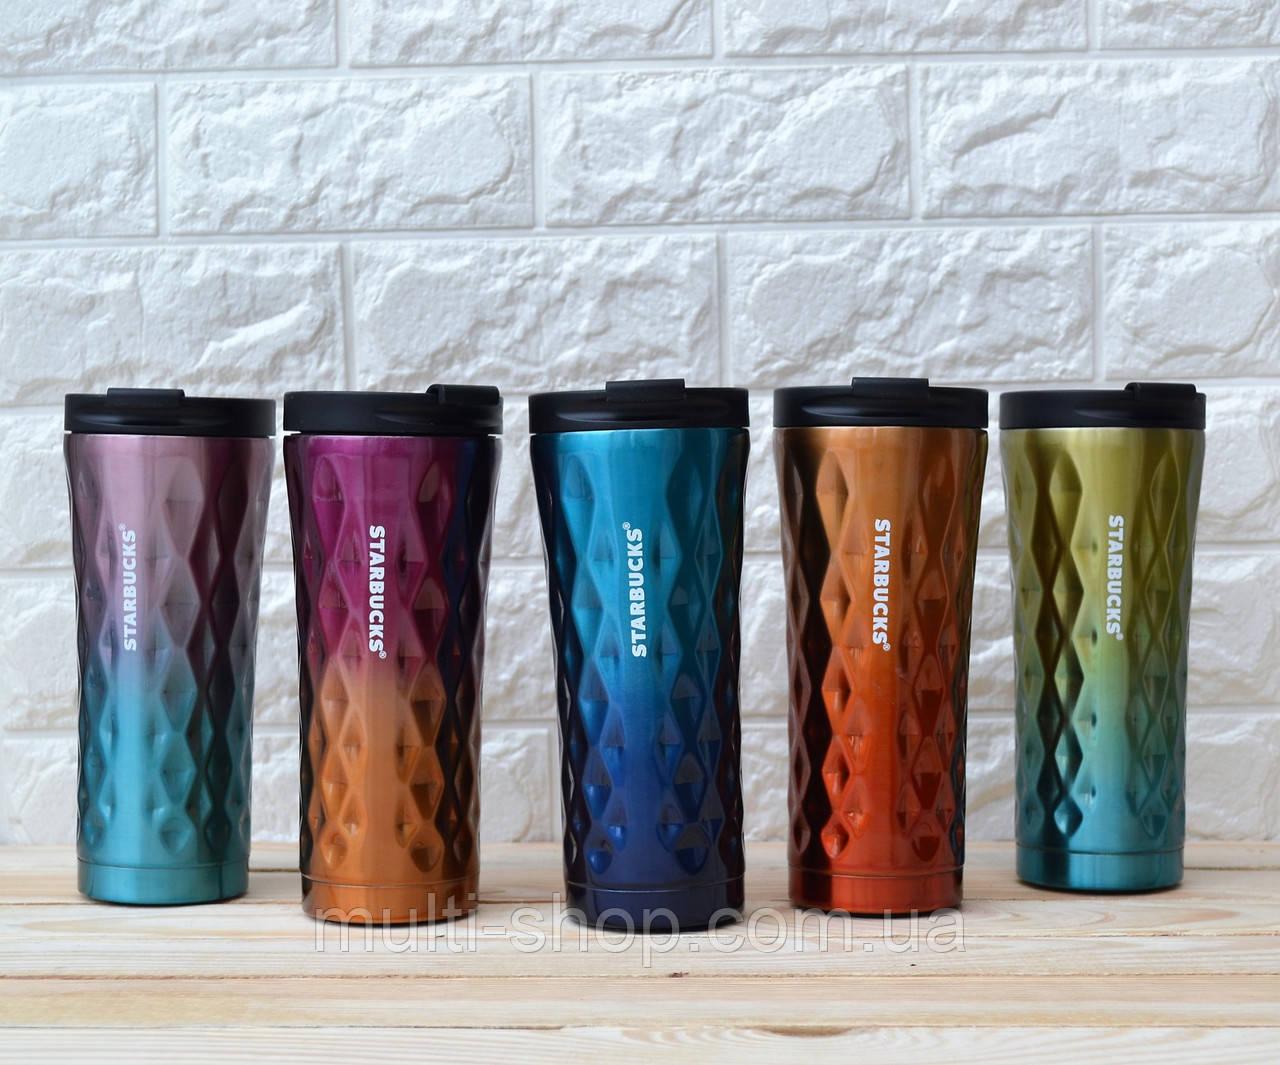 Термокружка реплика Starbucks 500 colorful реплика старбакс